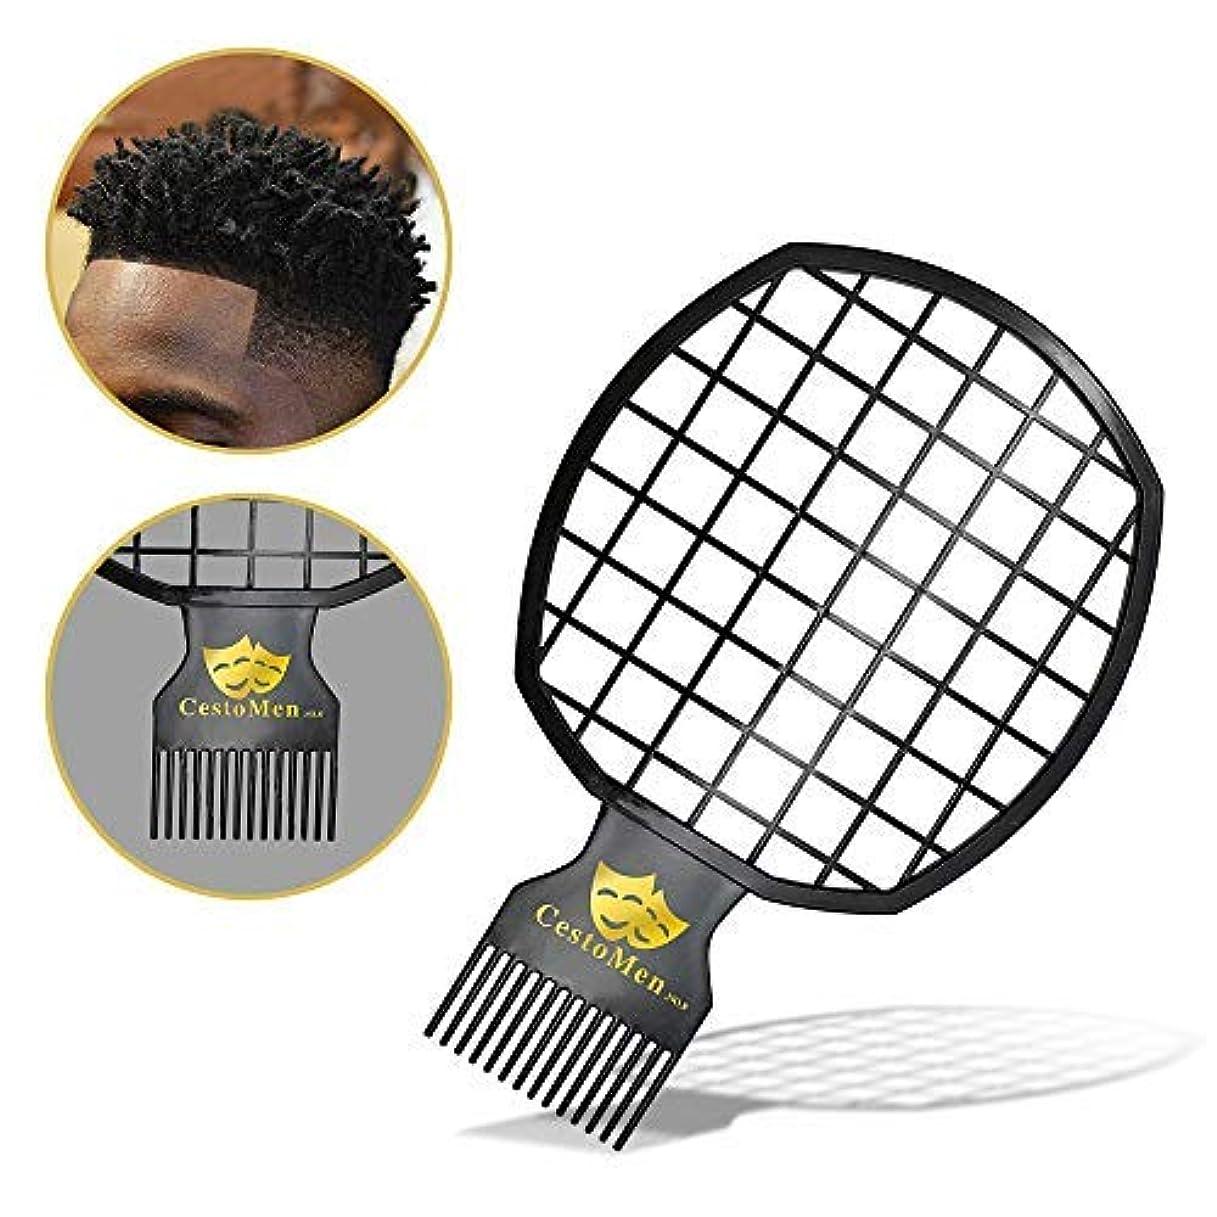 顔料平均申込みMagic Twist Hair Coils Comb Tool, Afro Pick Hair Curl Sponge Brush (Black) [並行輸入品]